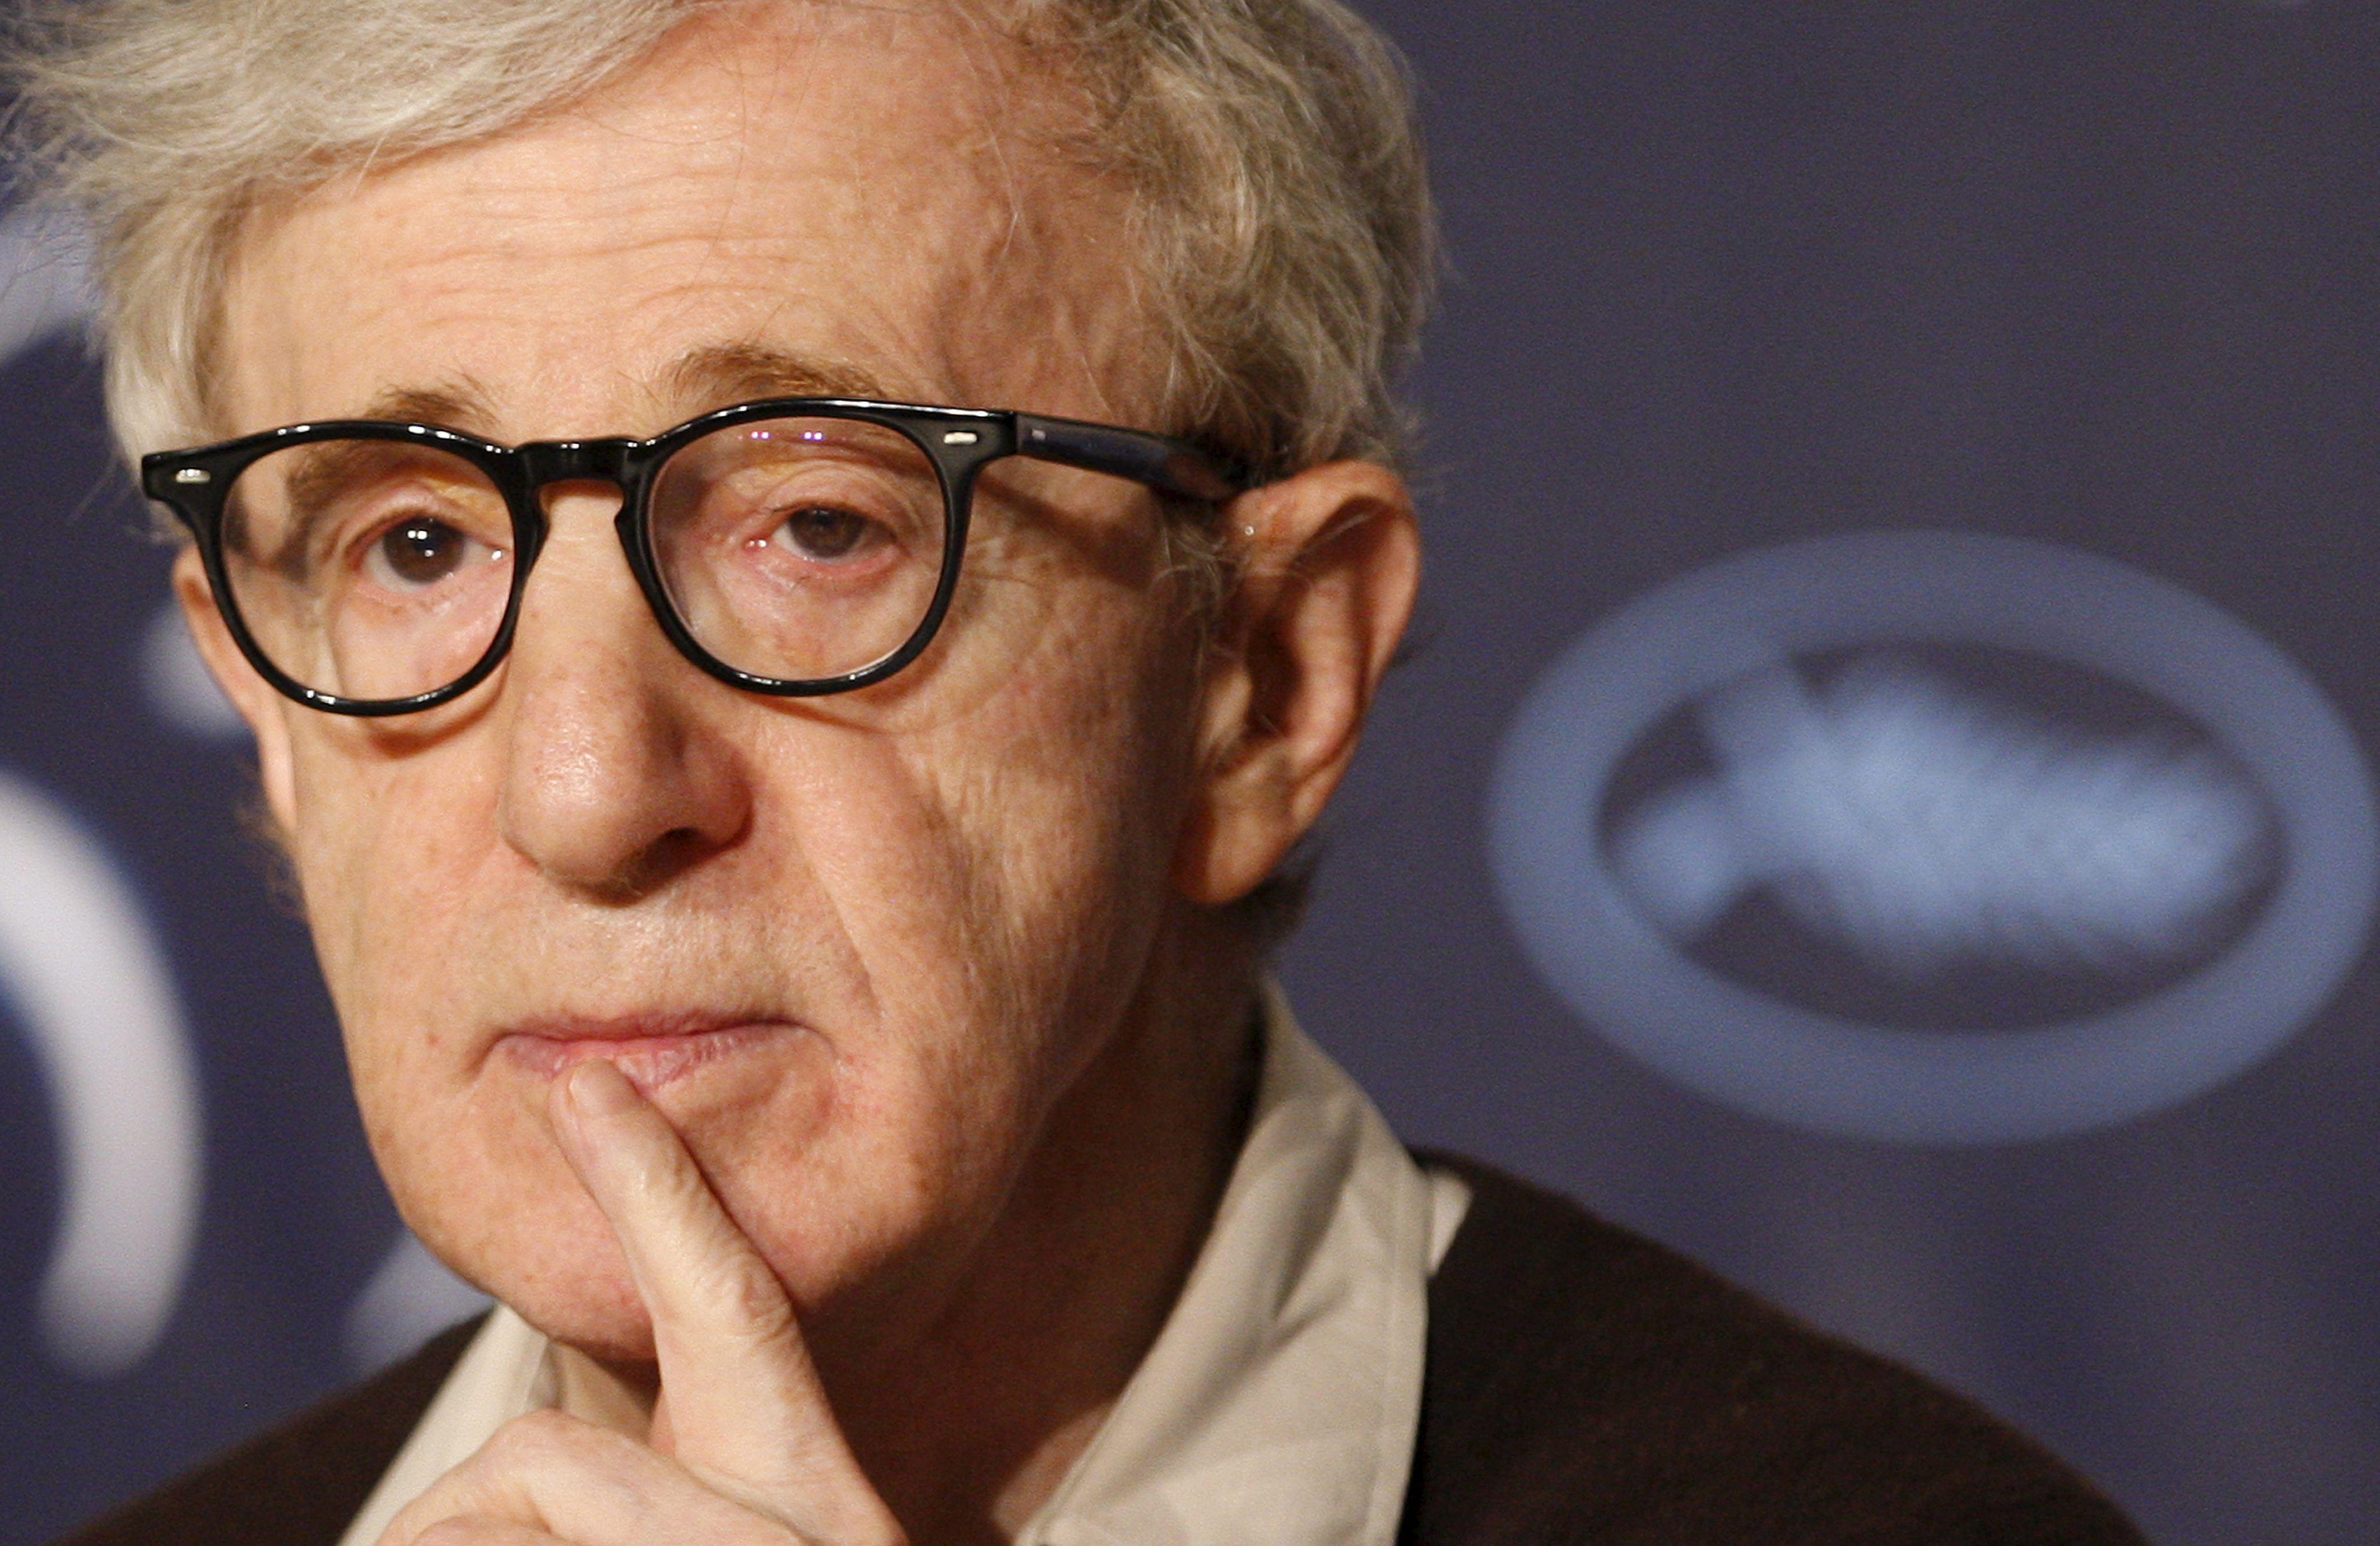 La hija de Woody Allen revive sus supuestos abusos dos décadas después